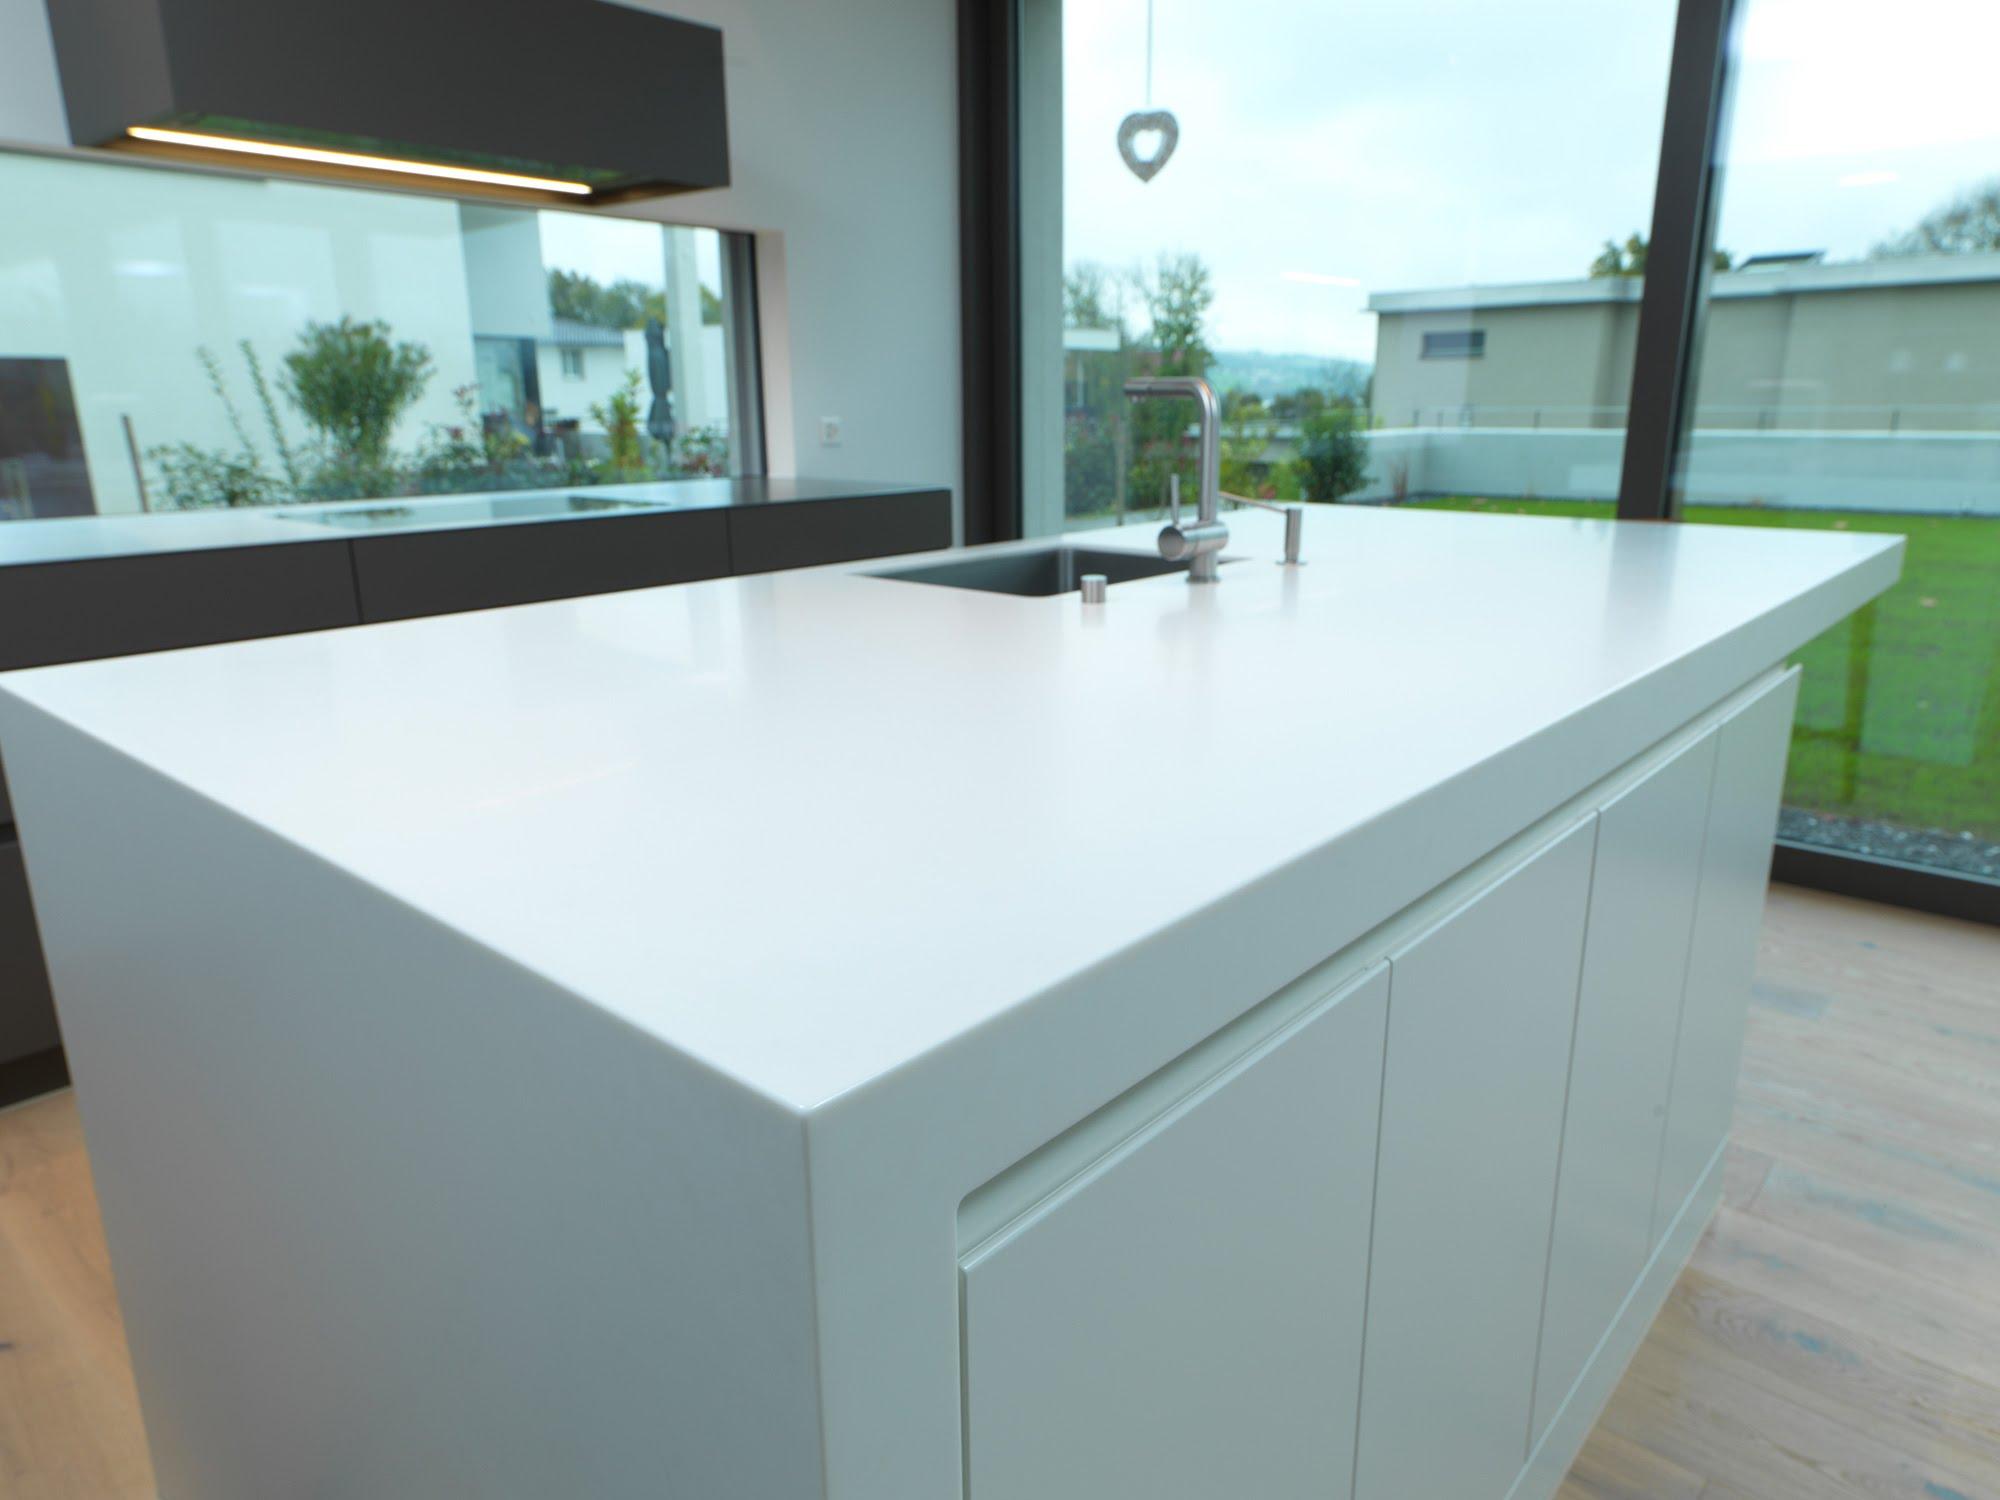 Lackküche mit Himacsinsel - Küchen & Küchenumbau-Küchen werden immer mehr zum Ort der Begegnung - Sursee, Willisau, Aargau, Zentralschweiz, Luzern, Zofingen